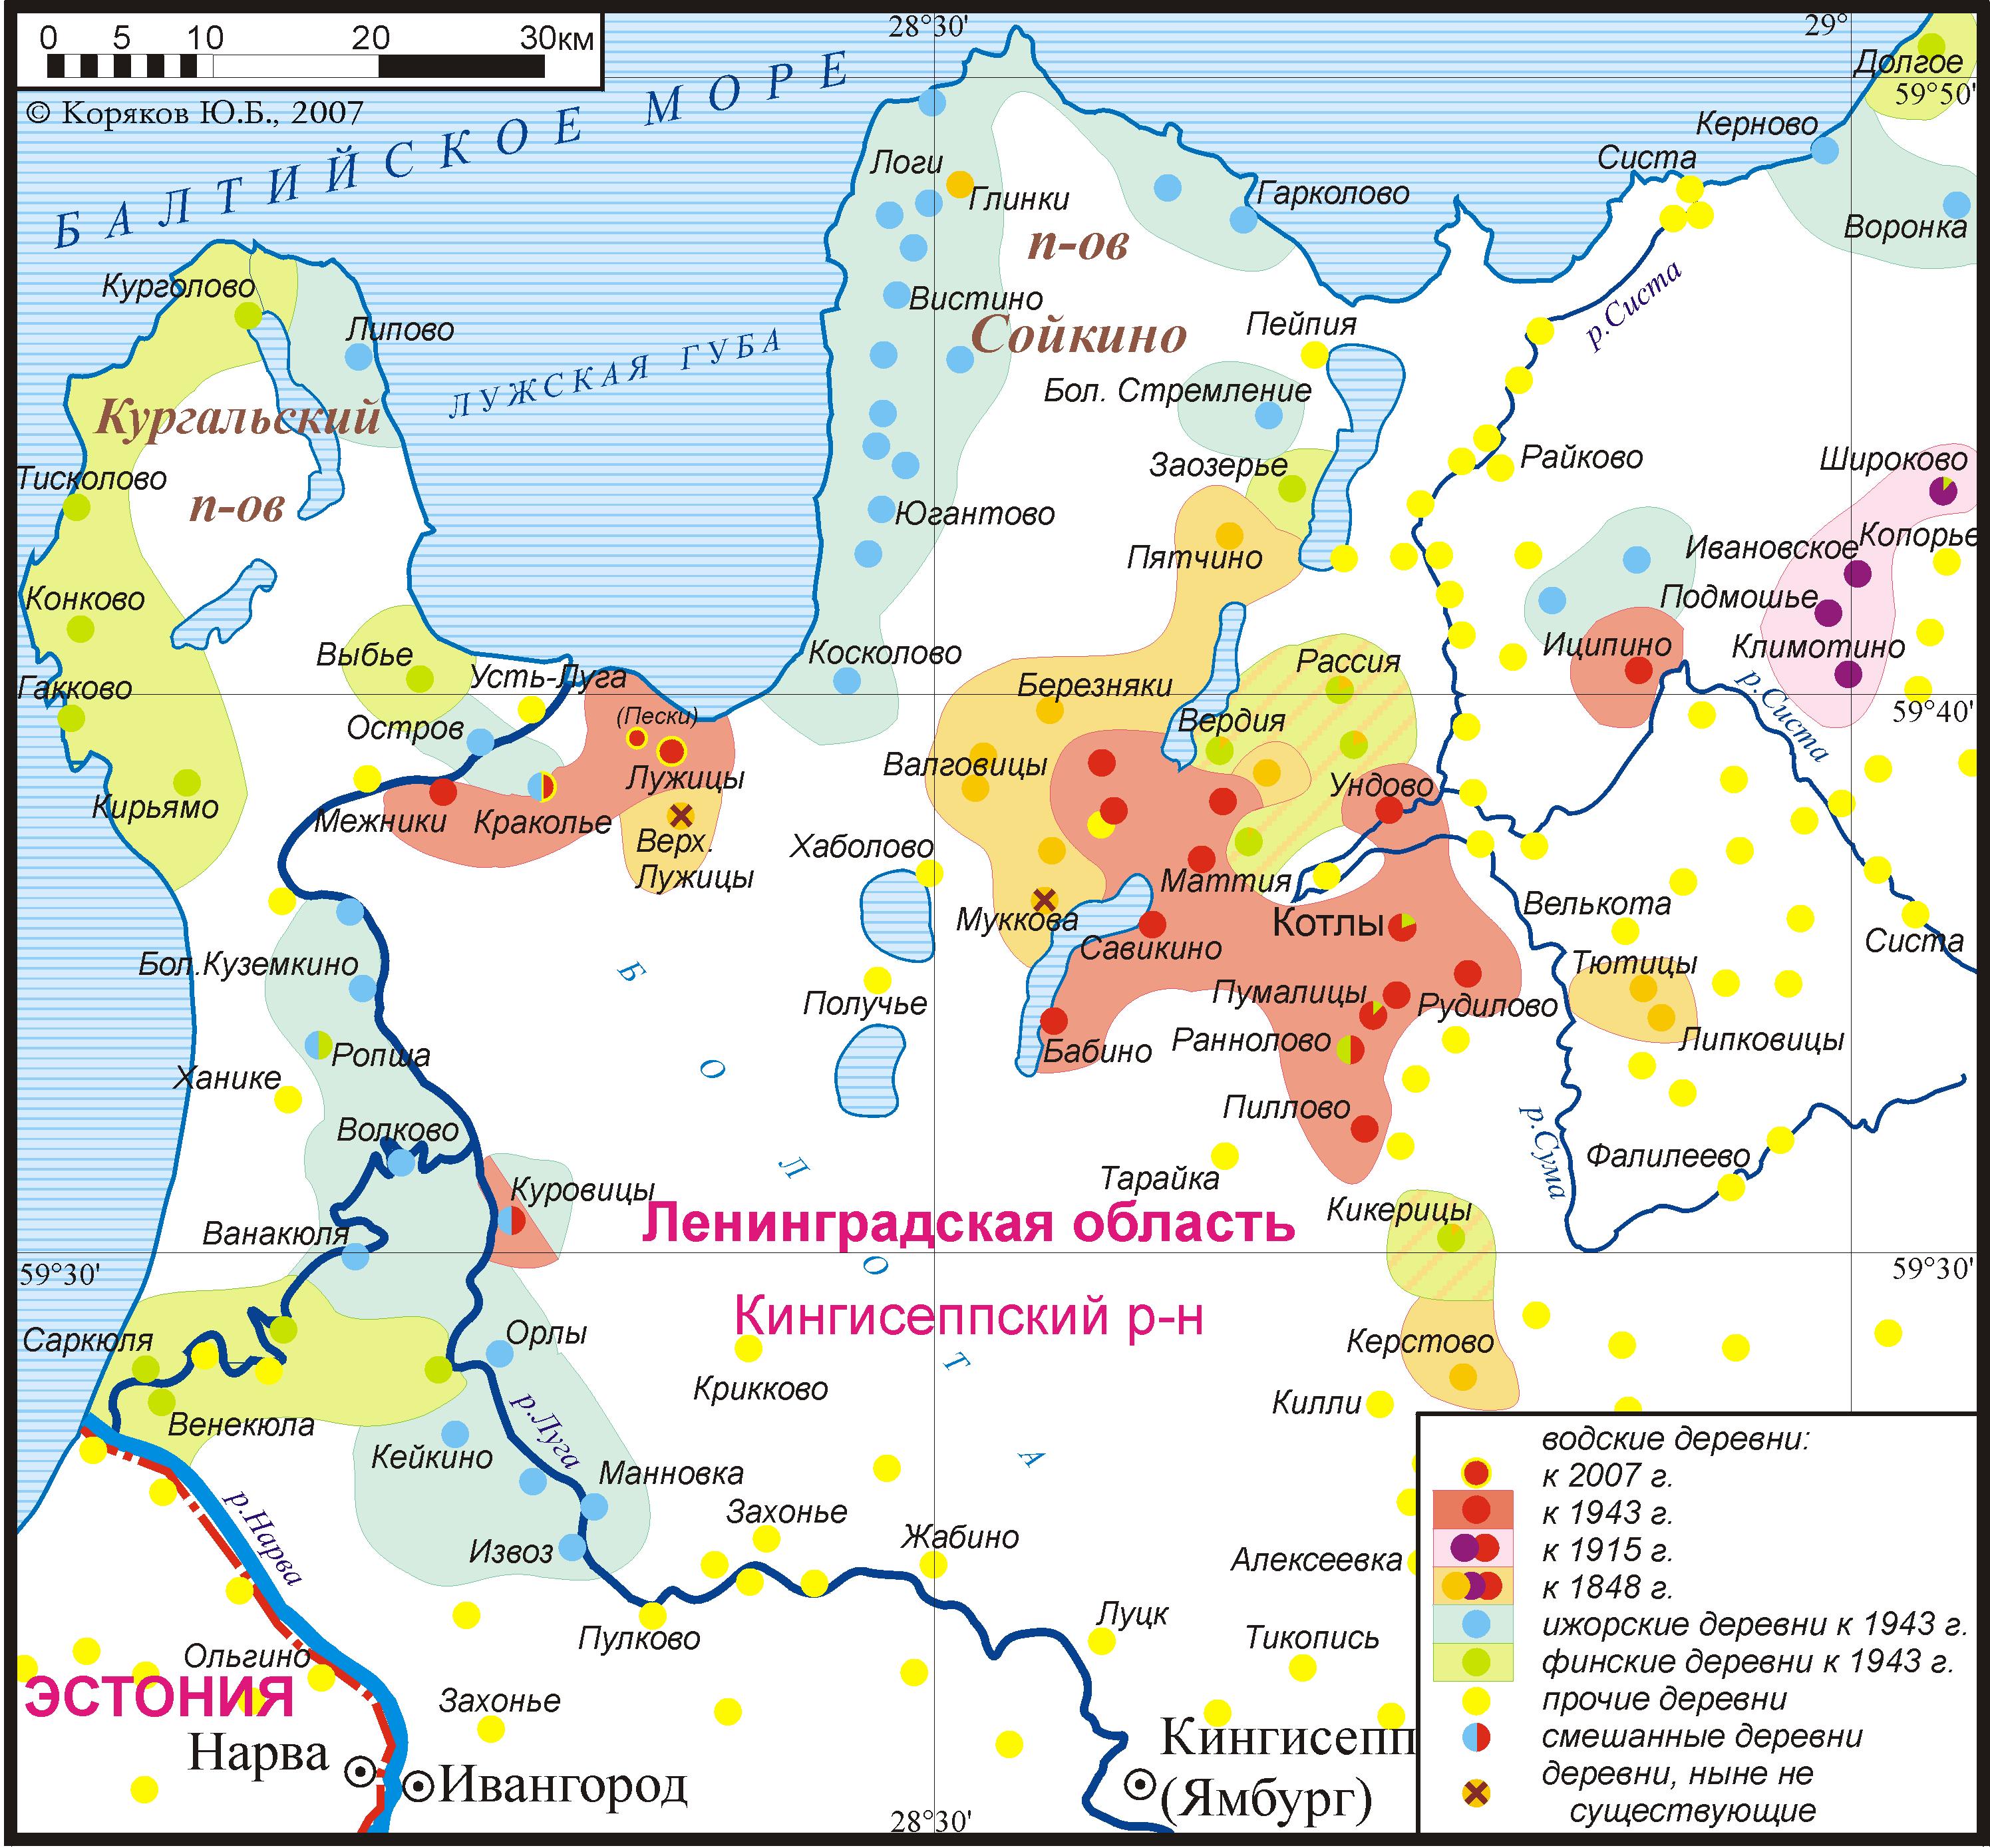 Ижорская Возвышенность Карта